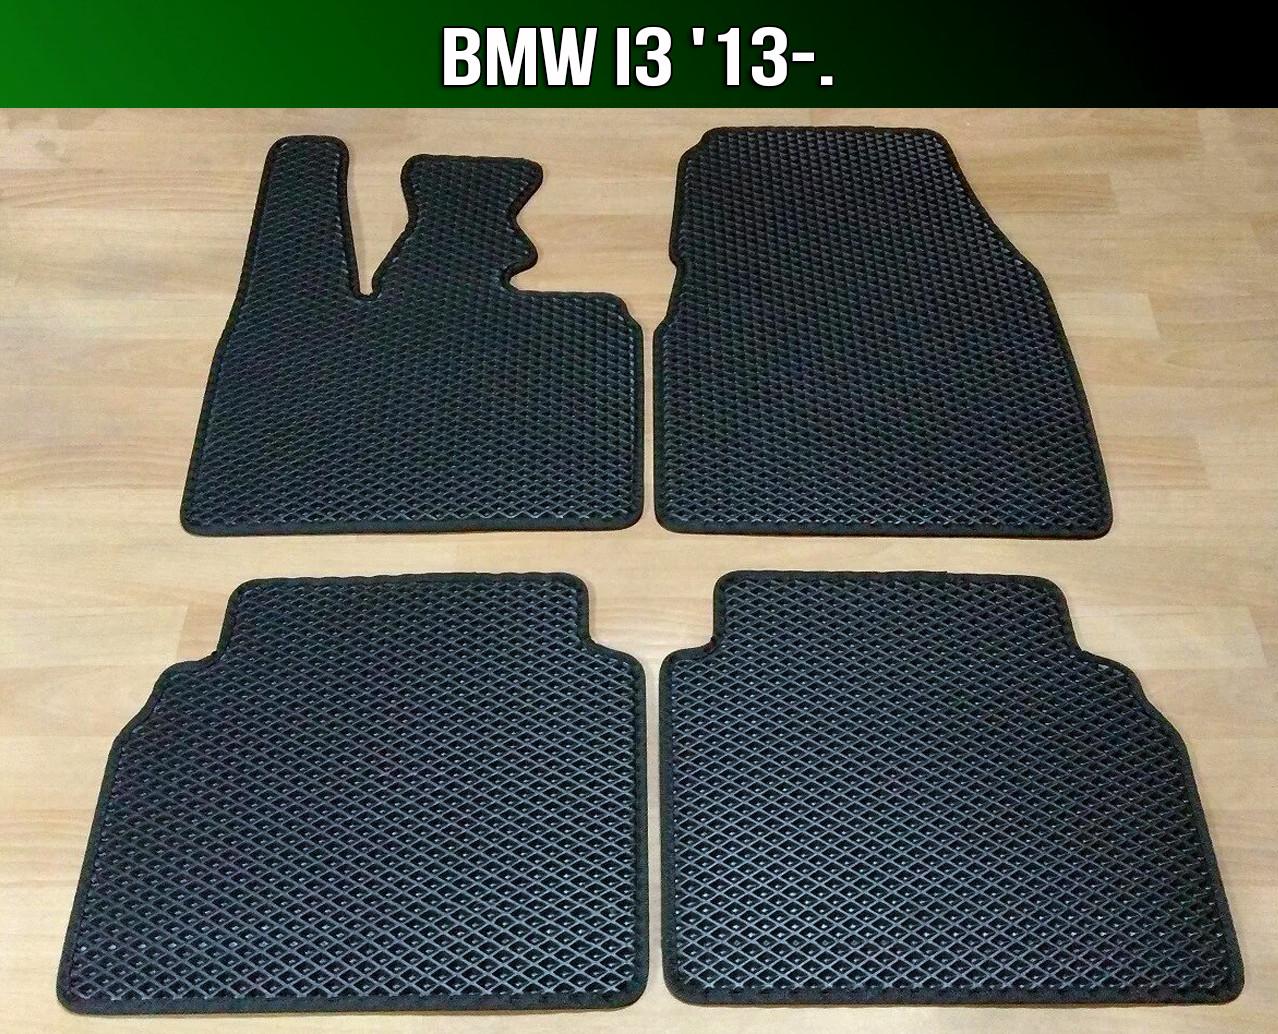 ЕВА коврики на BMW i3 '13-. Ковры EVA БМВ ай3